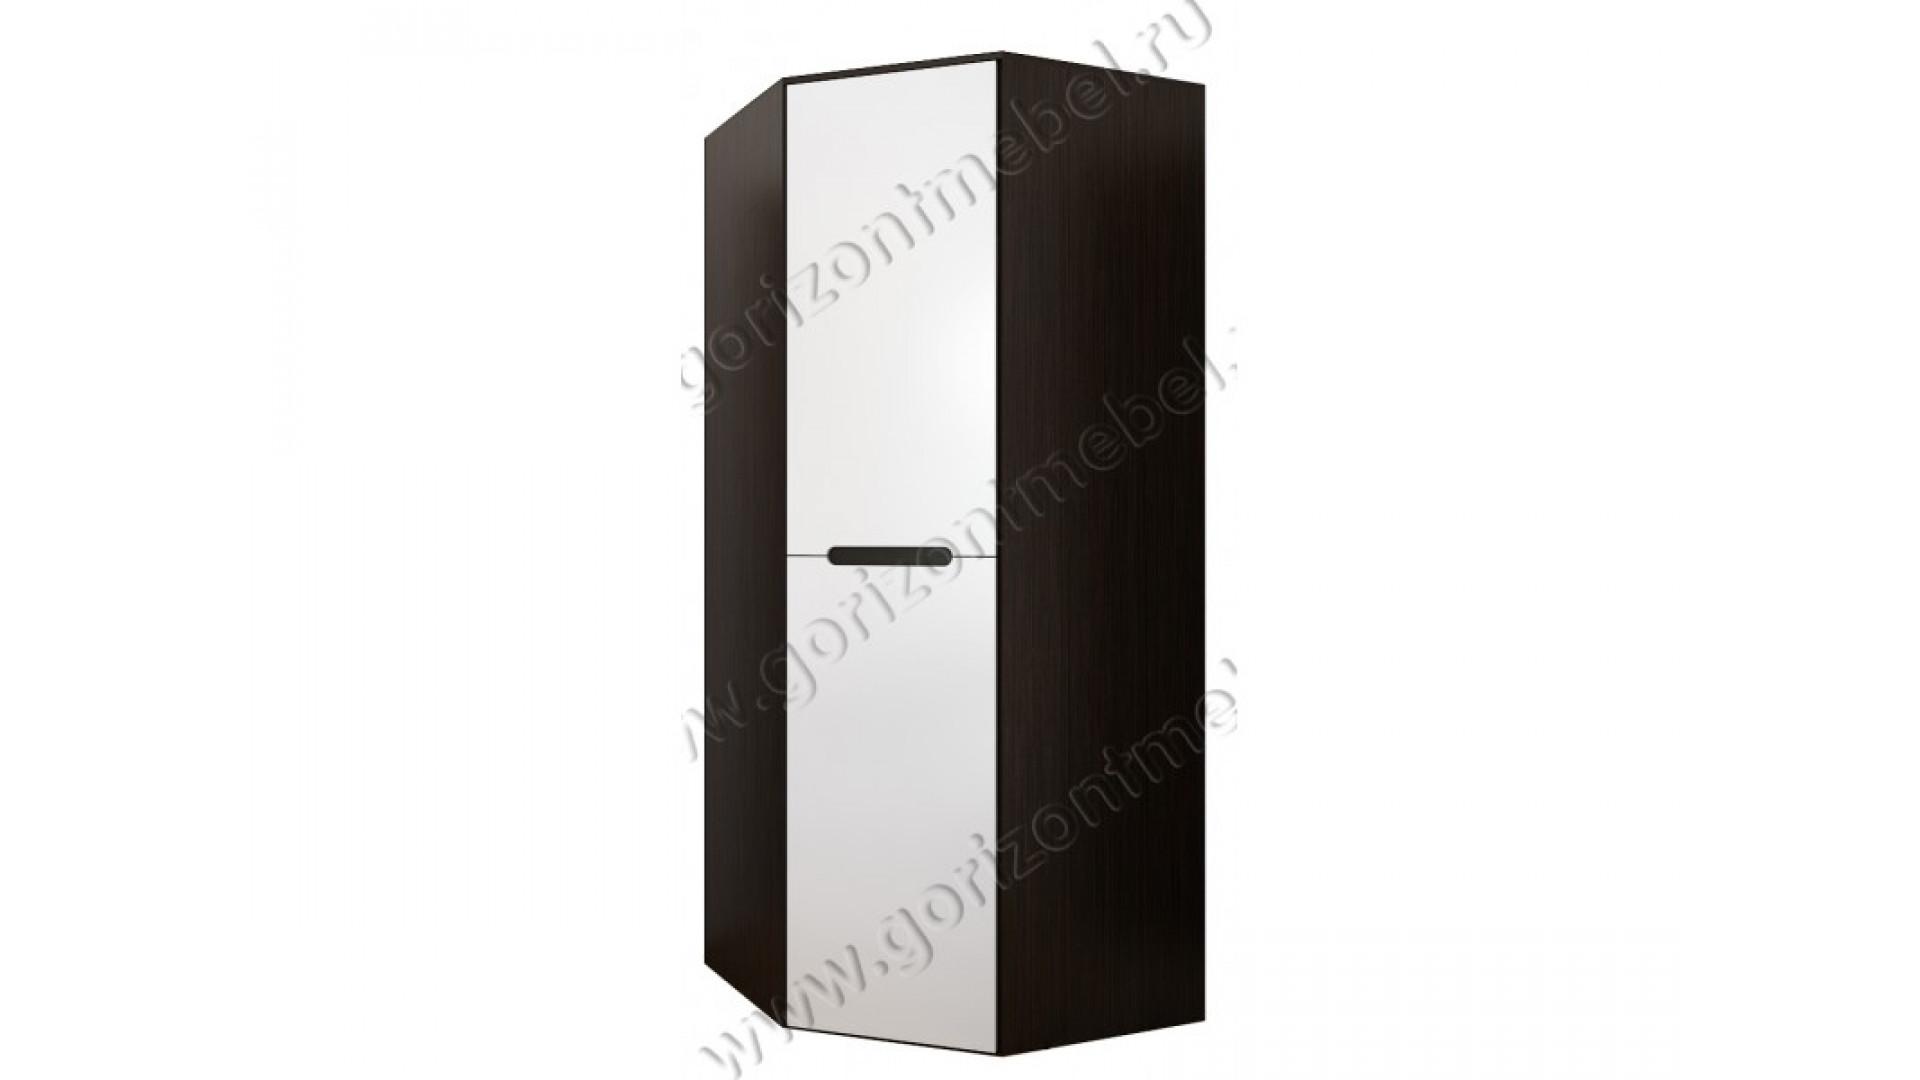 Шкаф угловой вегас венге/белый глянец - интернет-магазин нед.